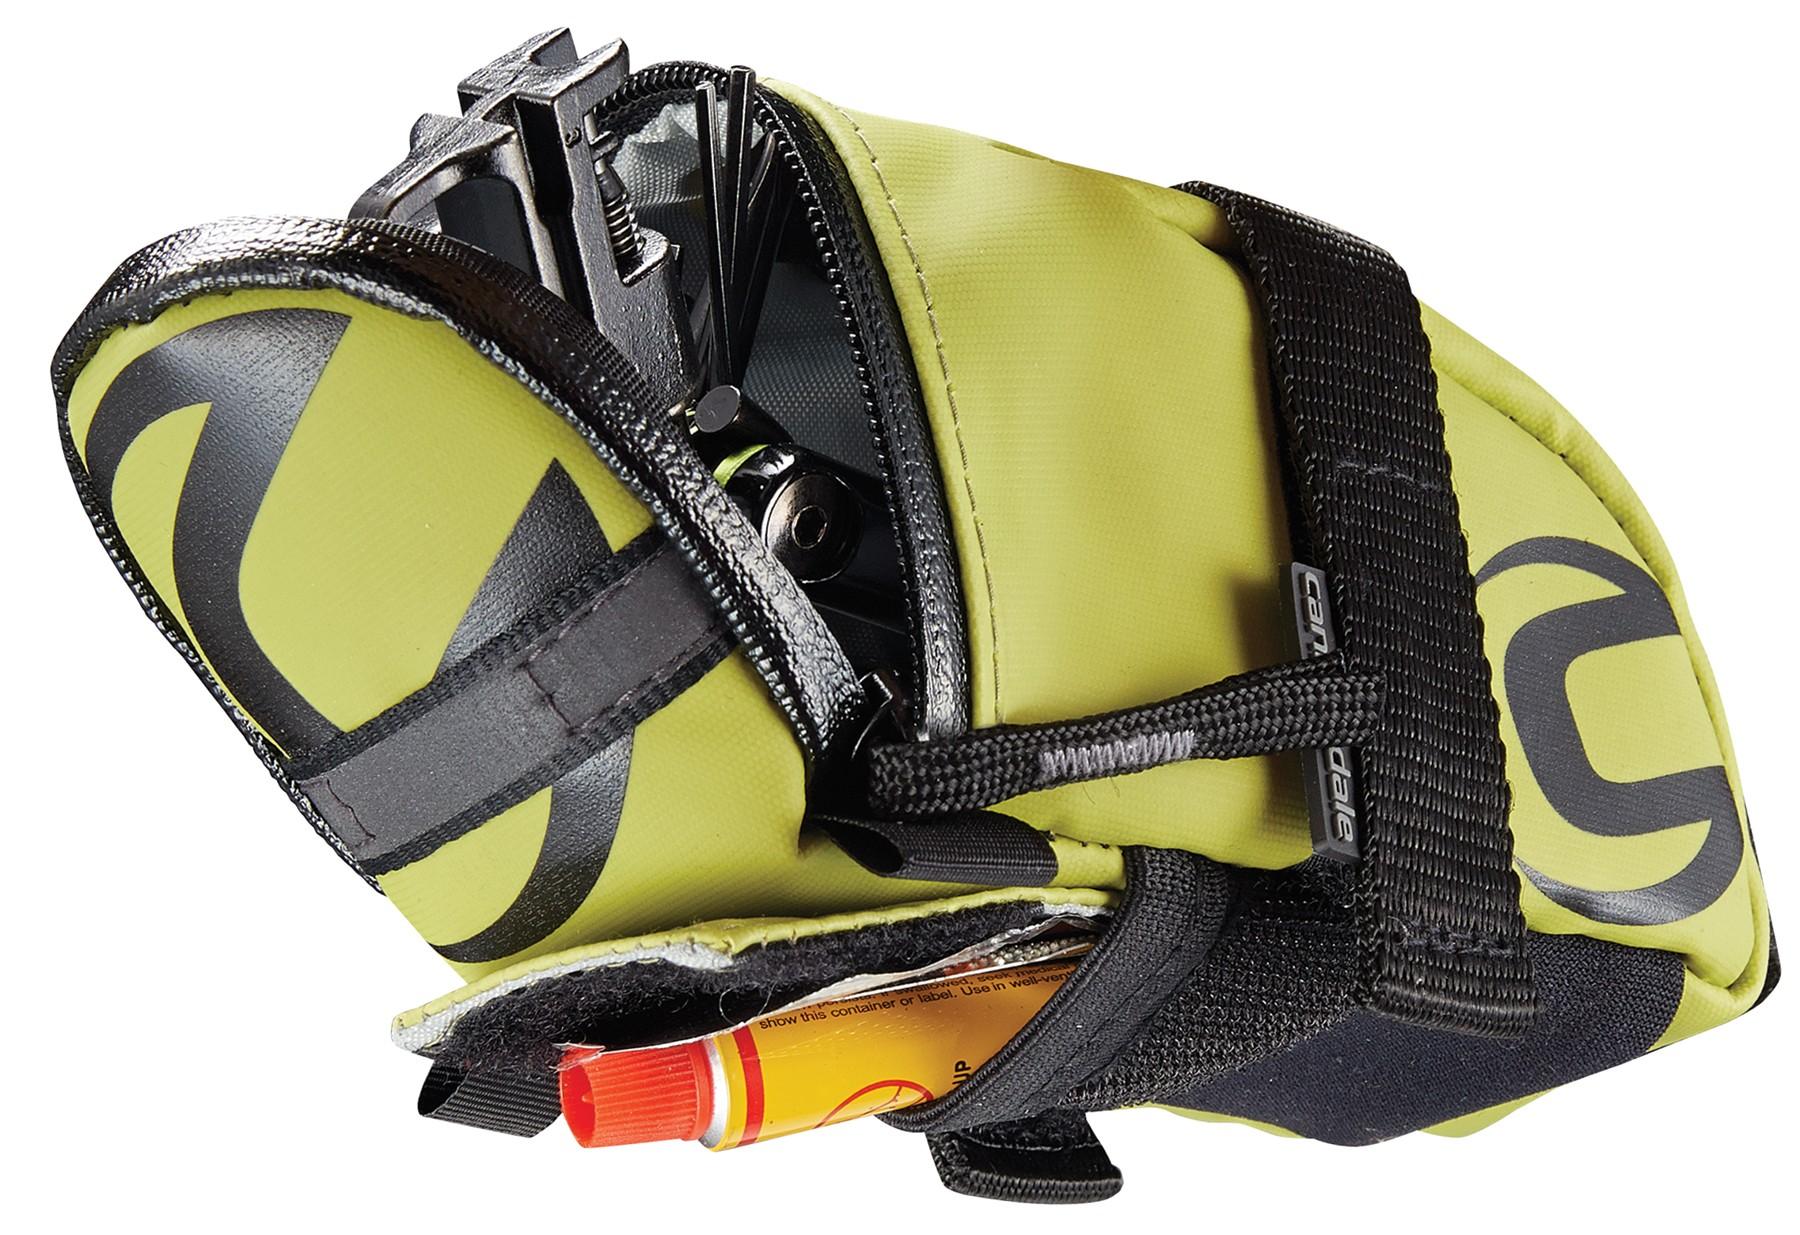 Cannondale Speedster 2 sadeltaske grøn   Saddle bags